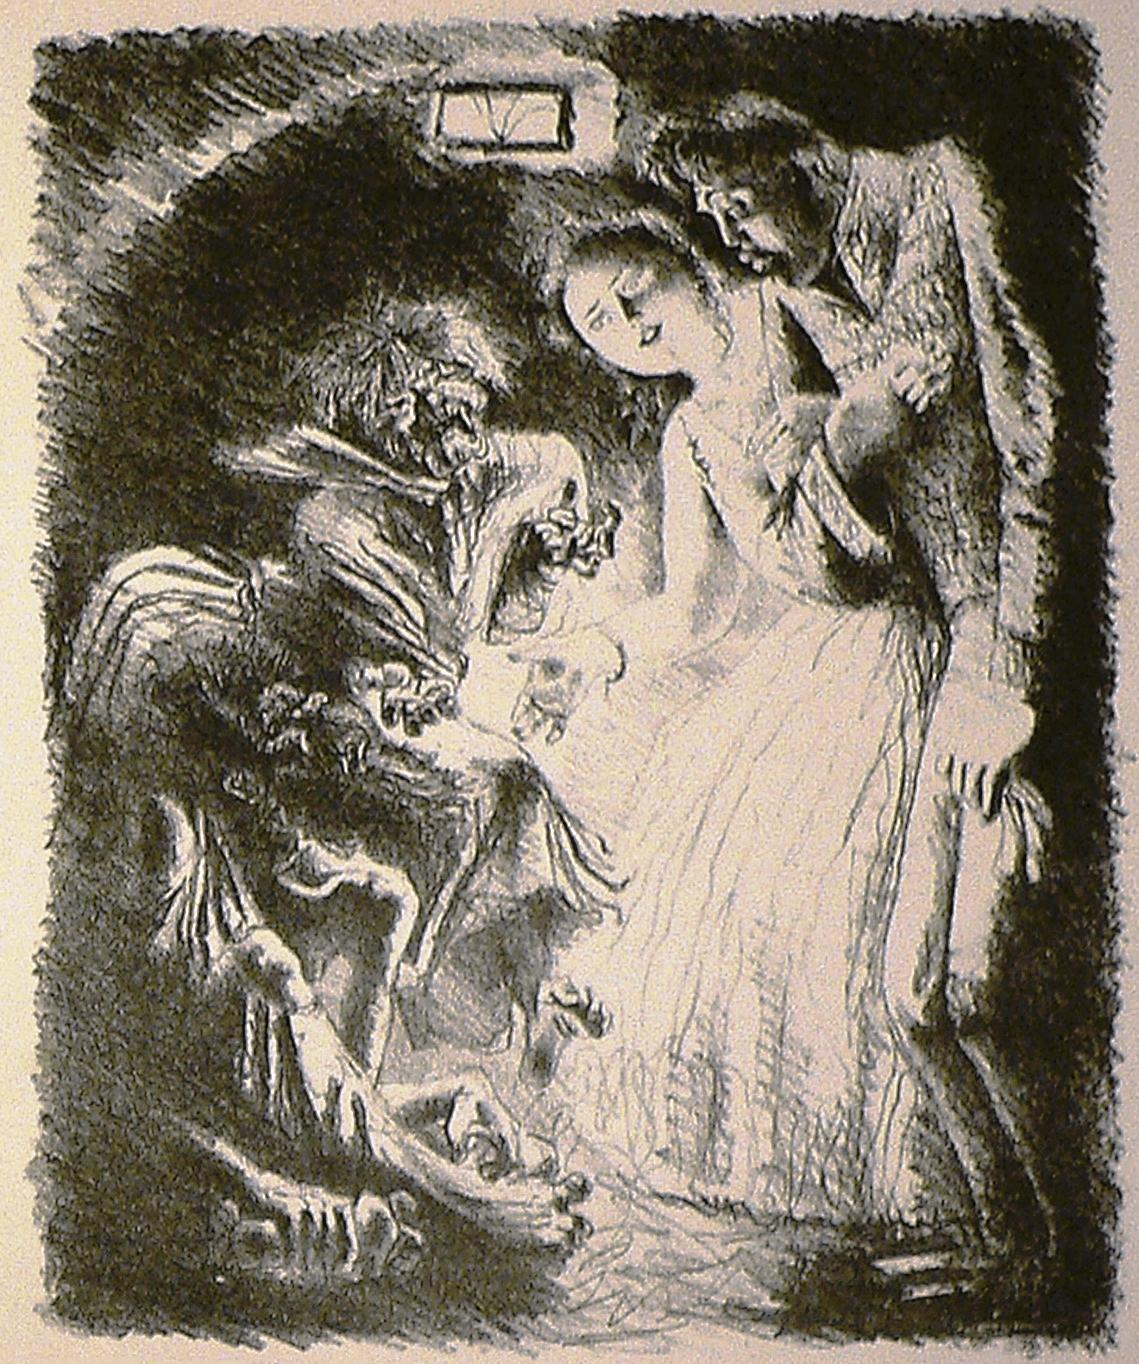 Иллюстрация А.Н. Самохвалова к главе «Поклонение Мамоне и покаяние» «Истории одного города» М.Е. Салтыкова-Щедрина